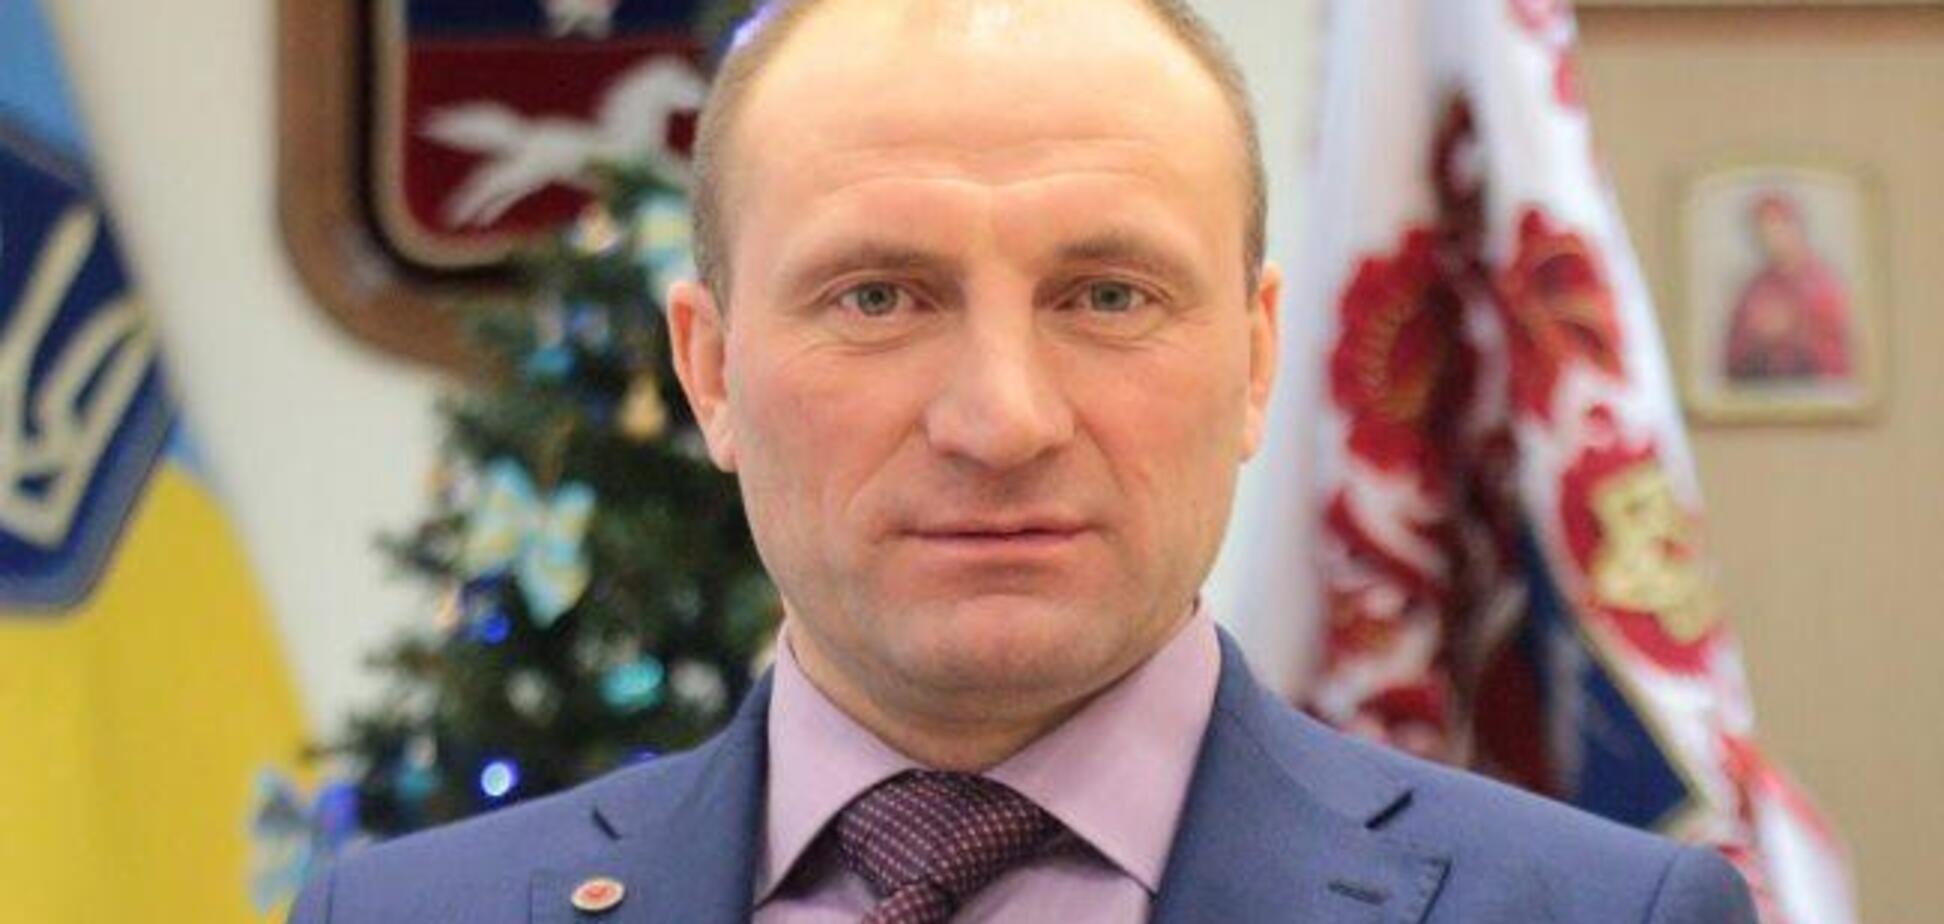 Анатолий Бондаренко разворовывал партийные средства – экс-депутат от 'Батьківщини'